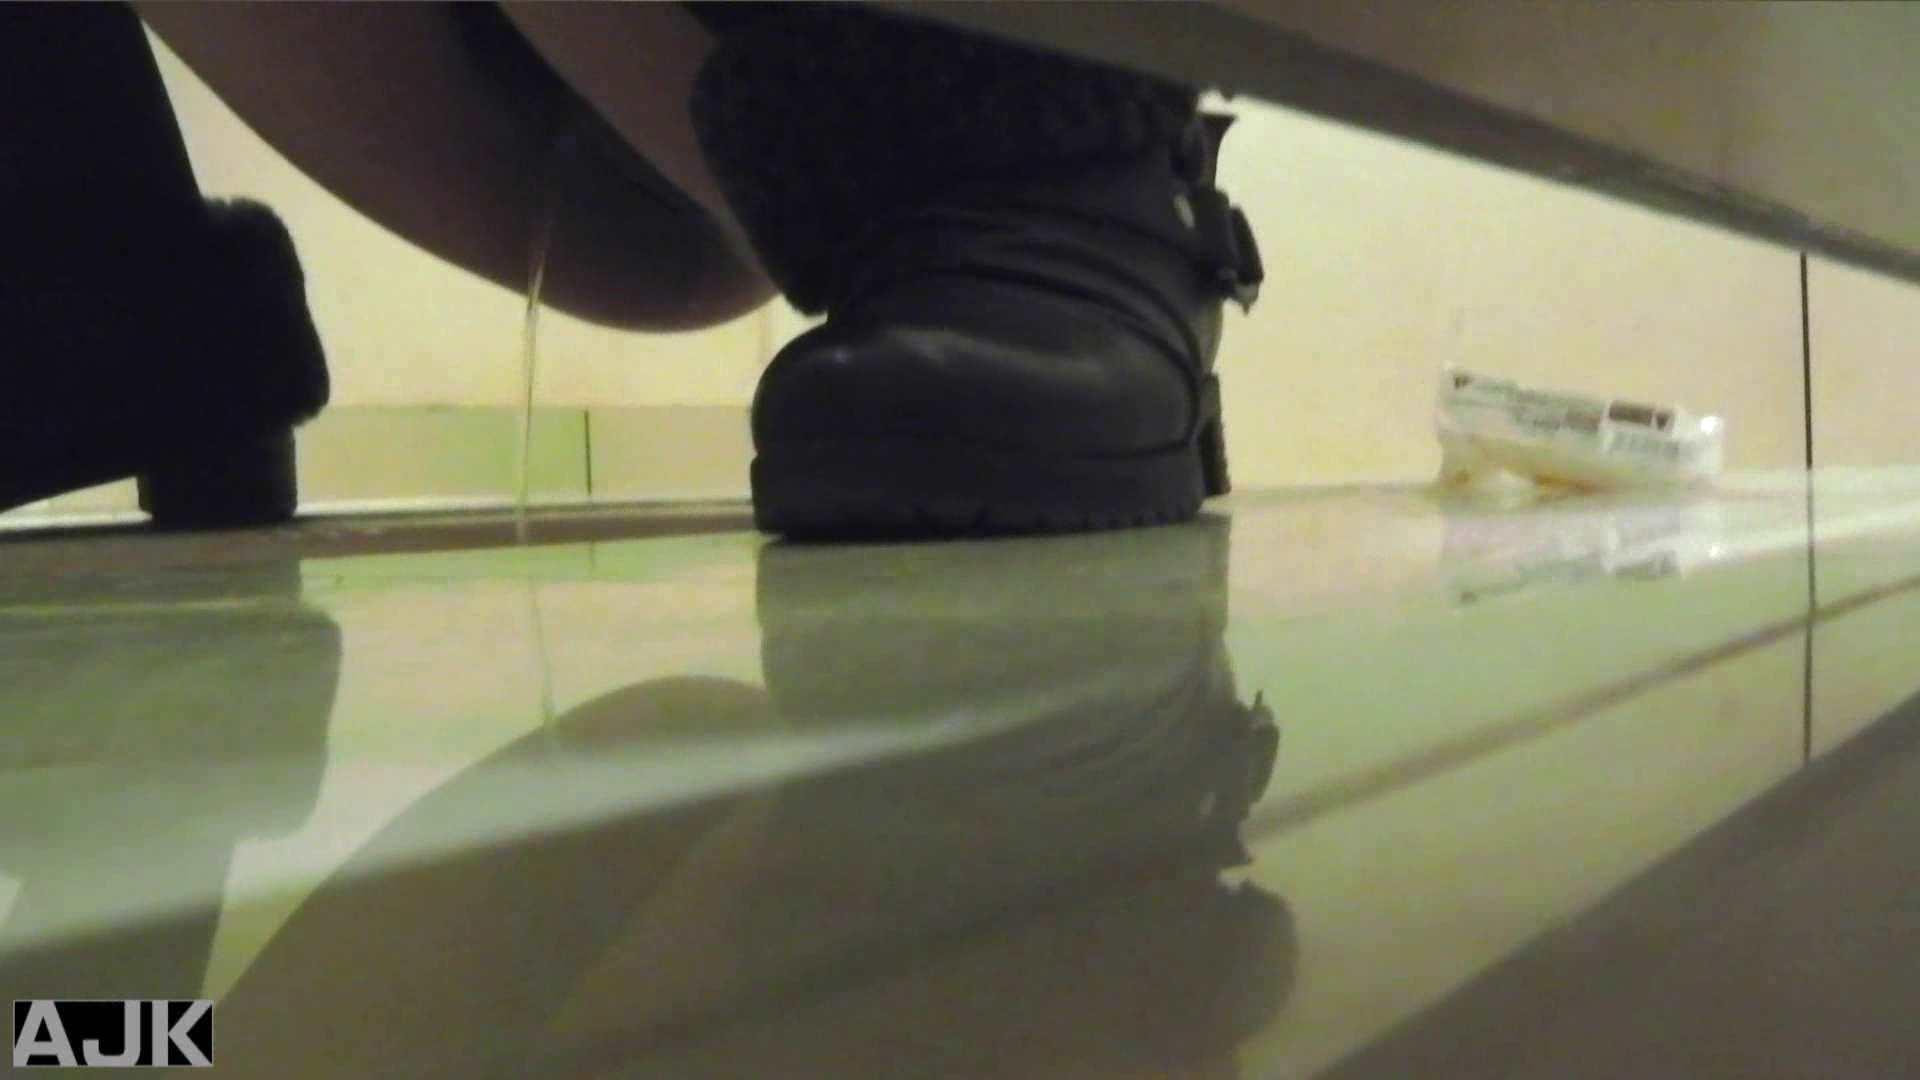 隣国上階級エリアの令嬢たちが集うデパートお手洗い Vol.14 美女H映像   洗面所  57画像 17